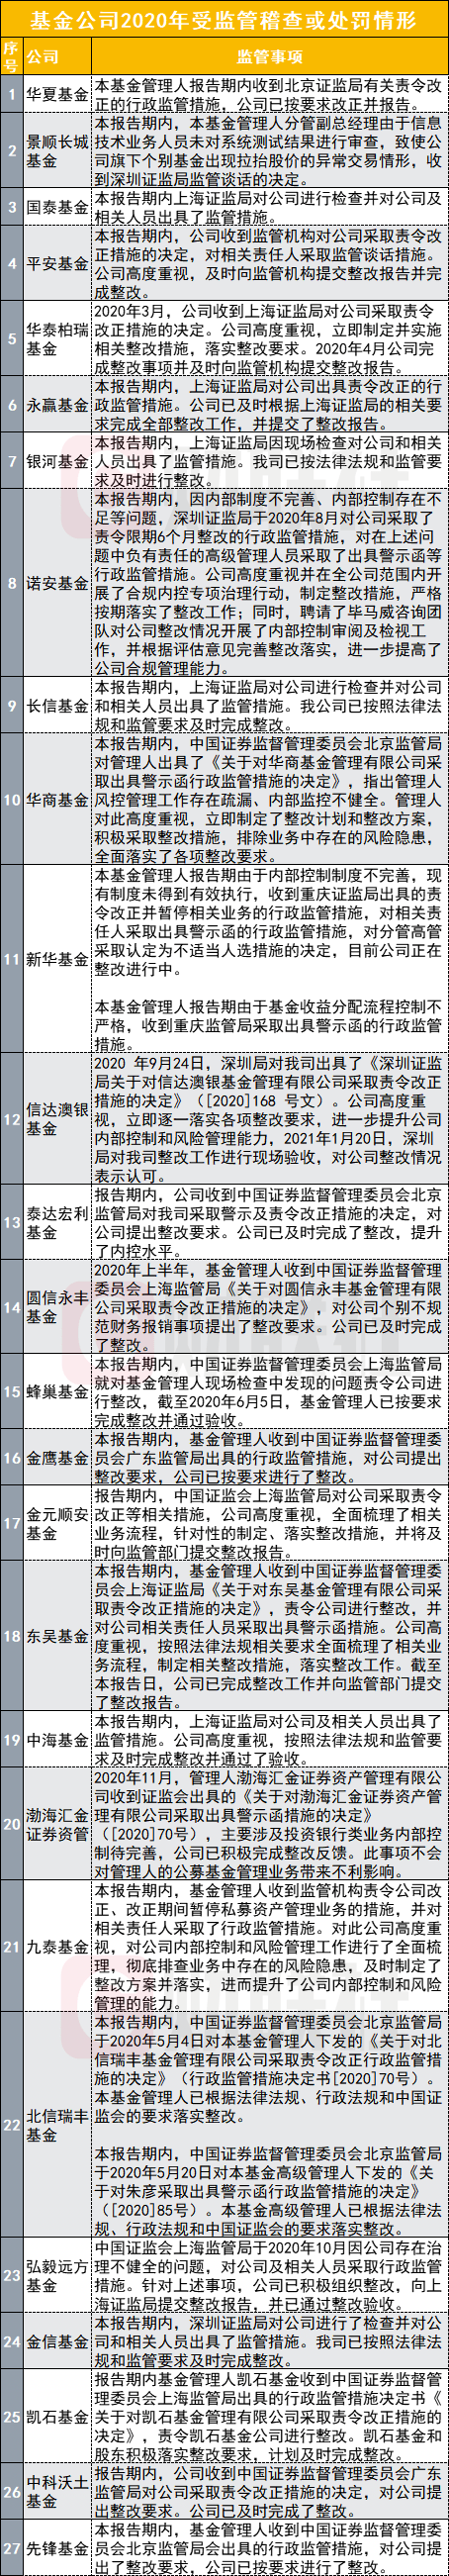 【强监管周期到来!27家公募一年中相继被监管处罚或谈话,华夏、景顺长城、华泰柏瑞、诺安等在列】